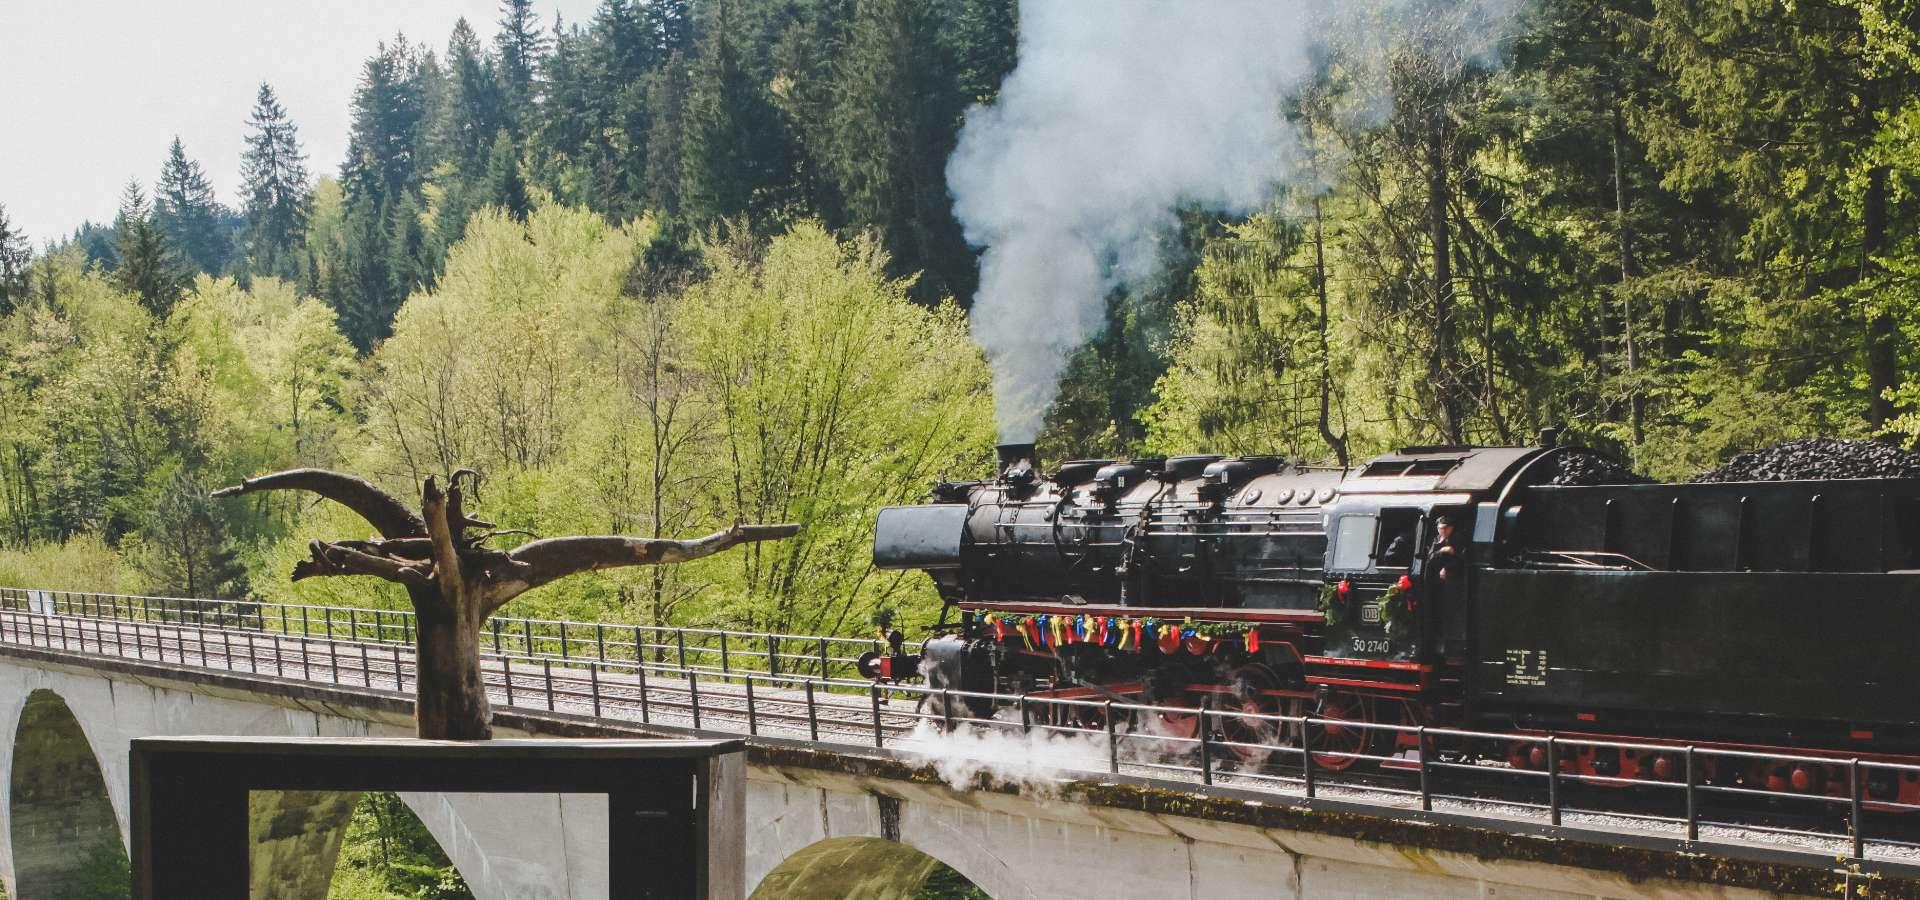 Viadukt - Kurz